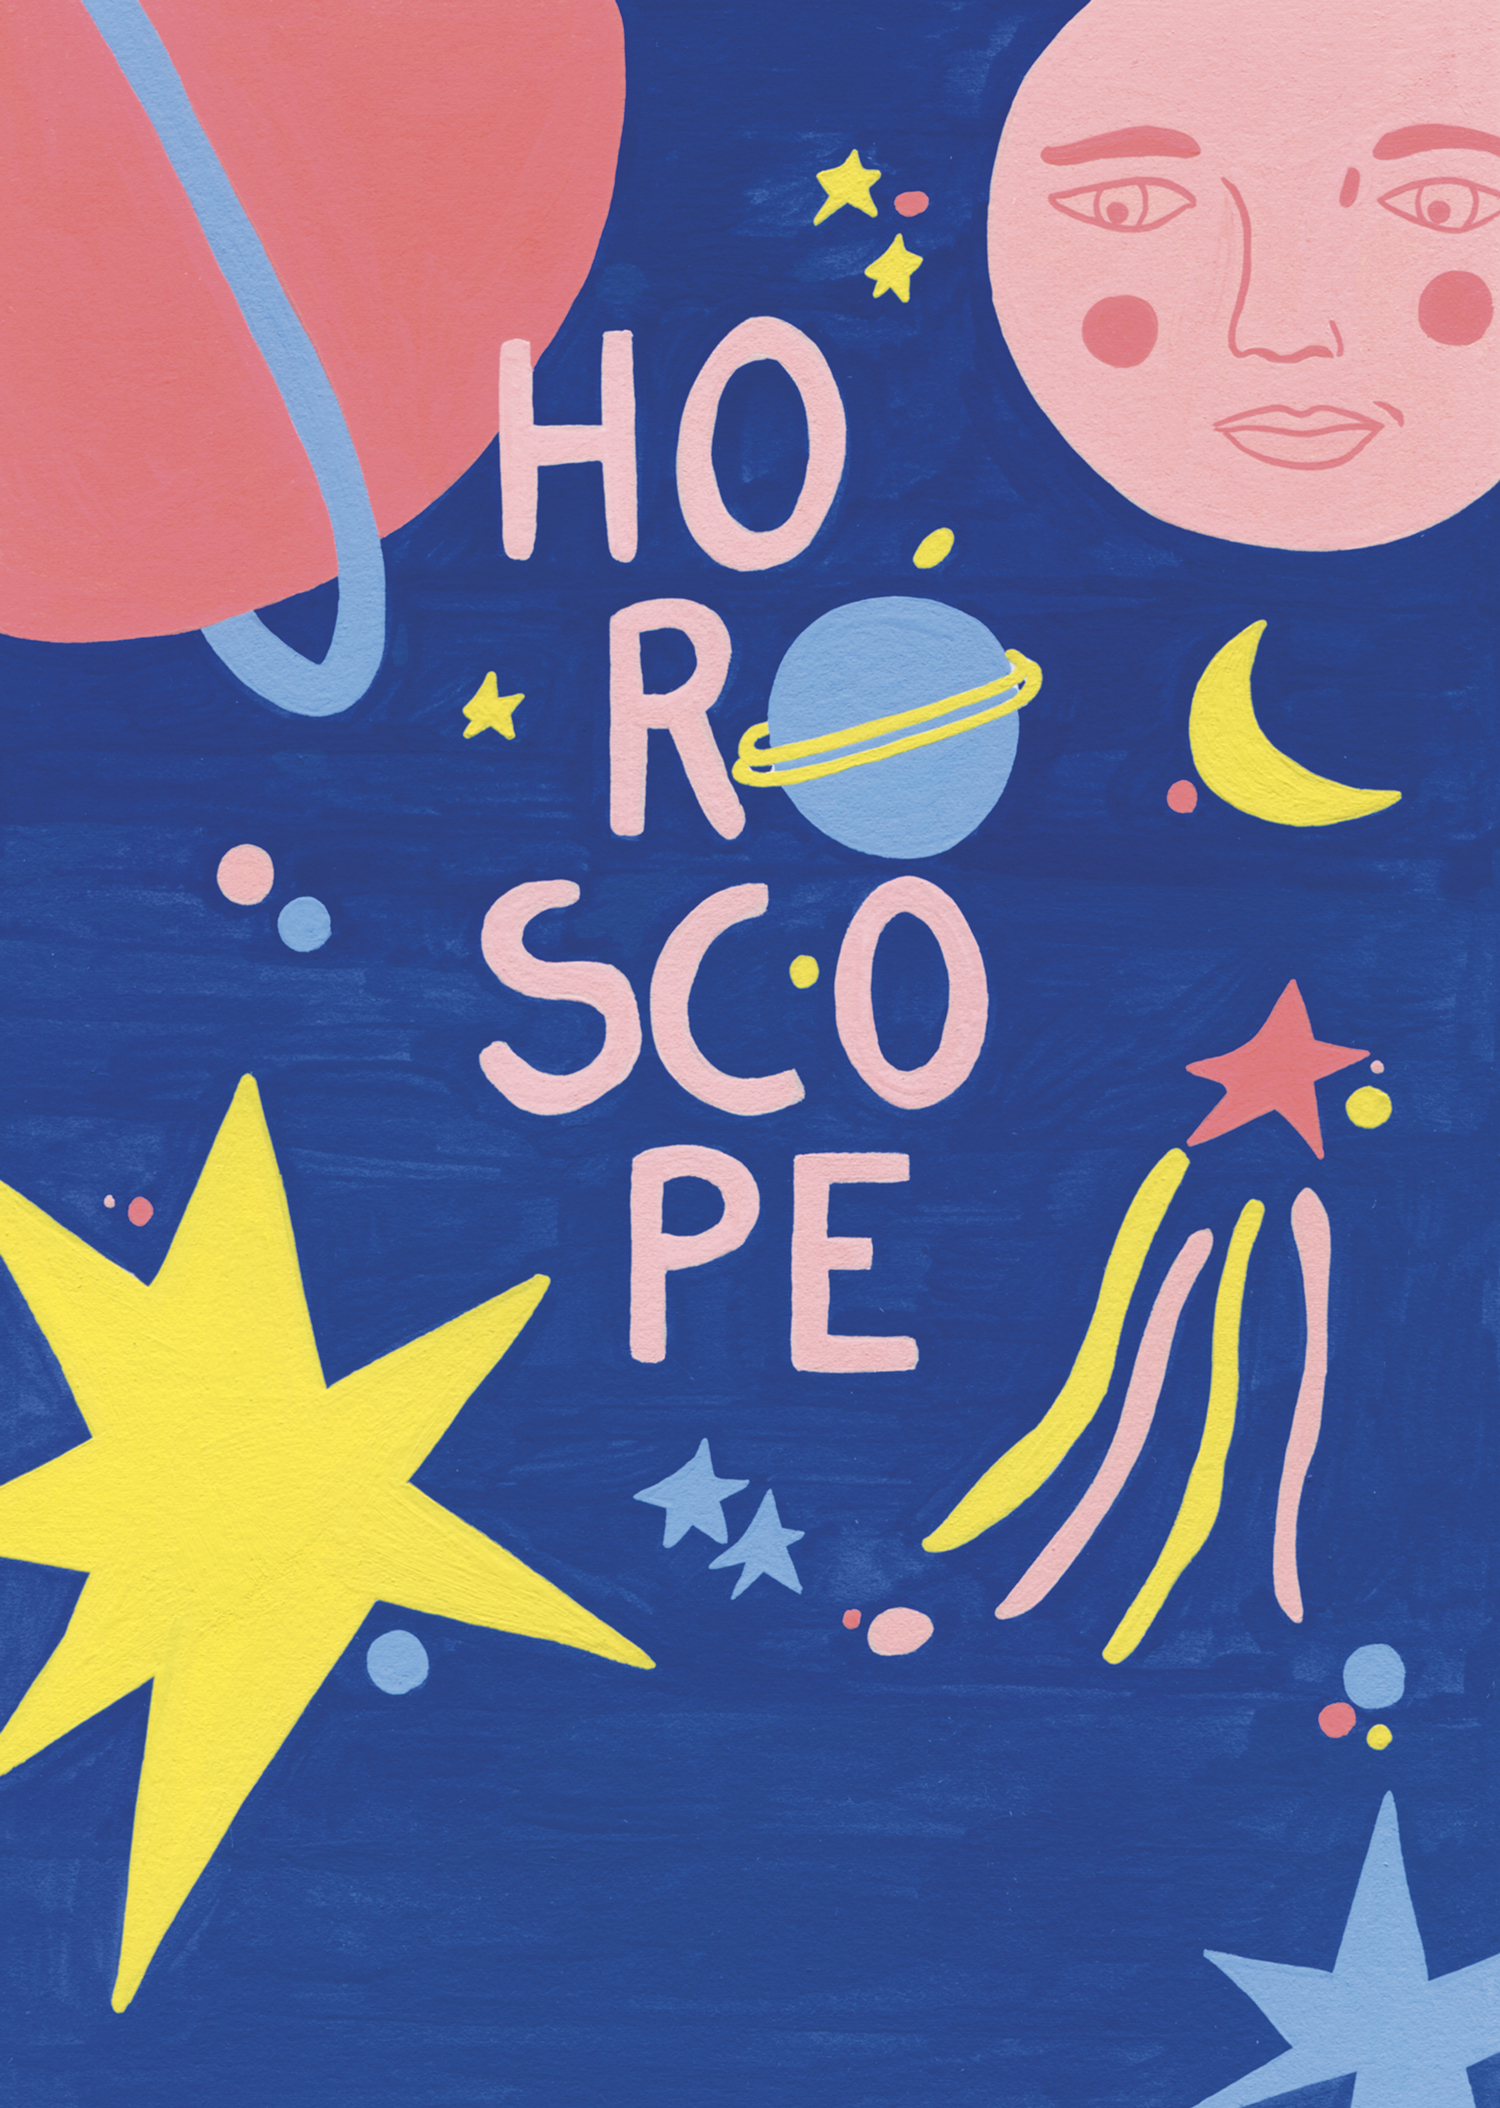 Marie-pellet-illustrations-gouache-horoscope-zodiaque-signes-constellation-étoile-soleil-editorial-portfolio